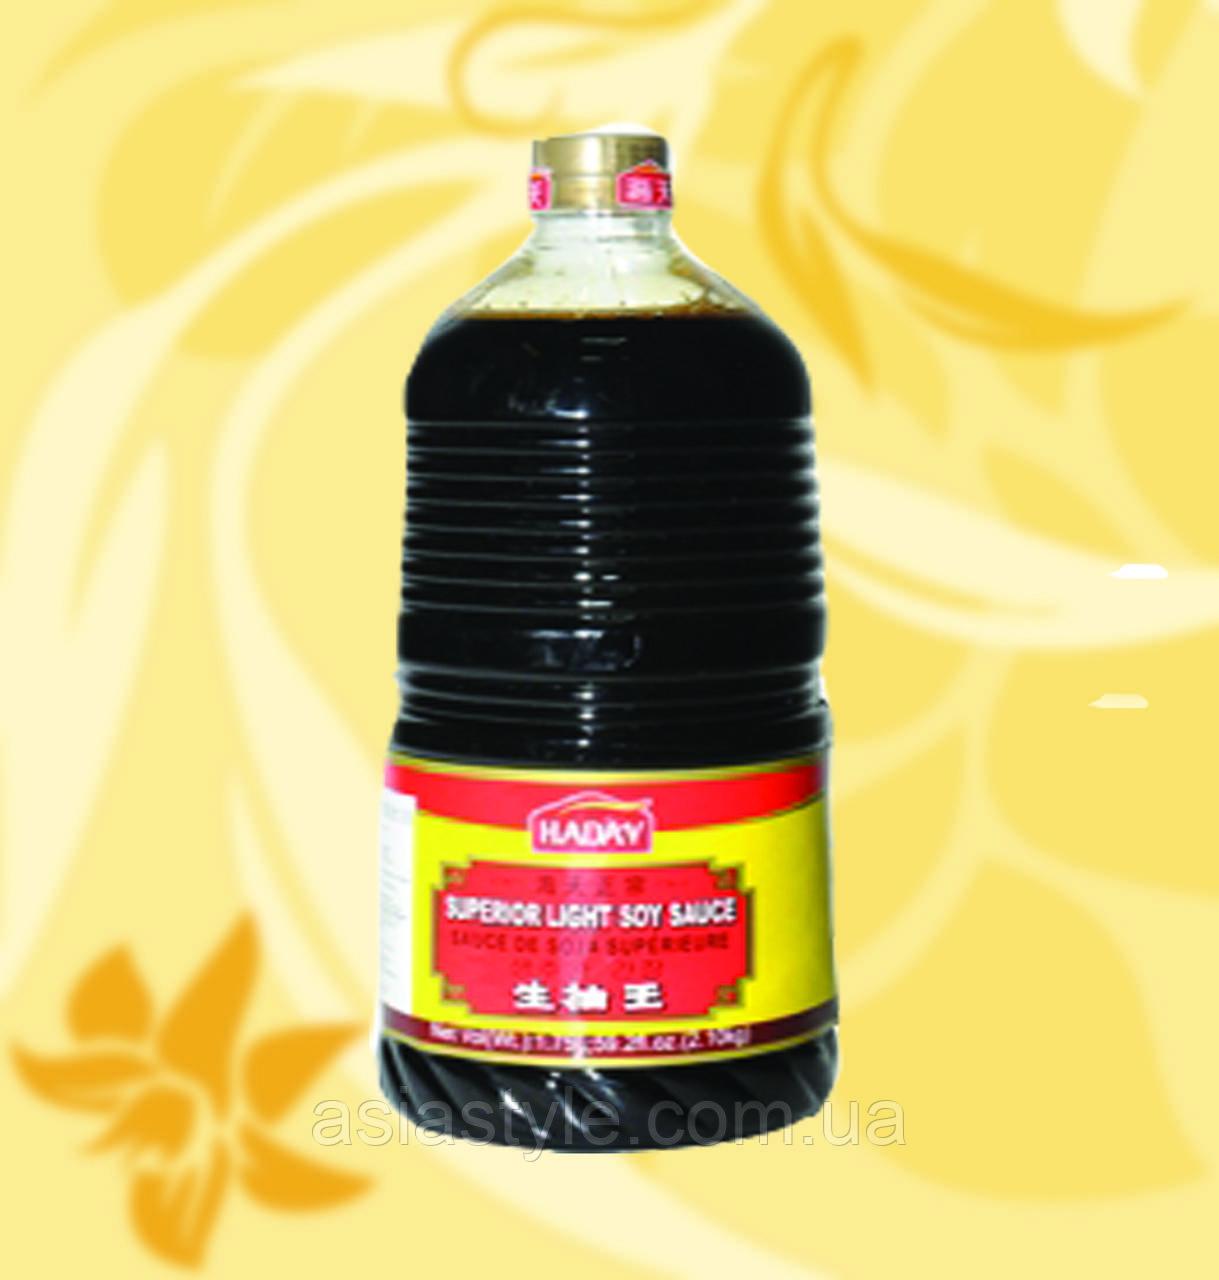 Соус соєвий світлий, Haday, 1750мл, НФЗМ